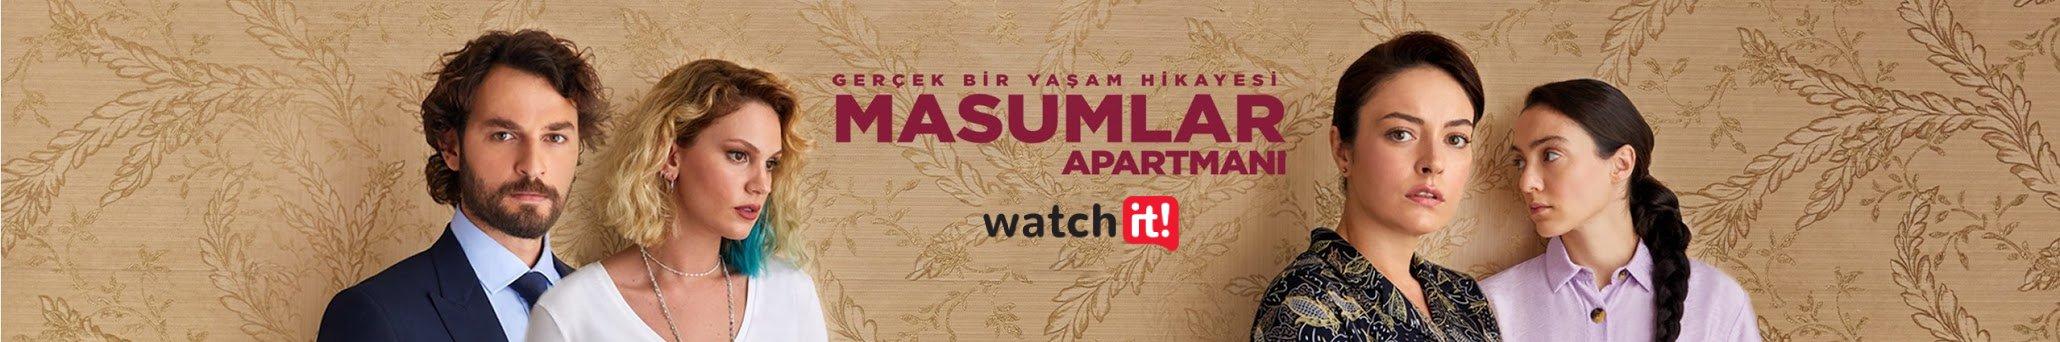 Masumlar Apartmani English subtitles | Apartment of Innocents